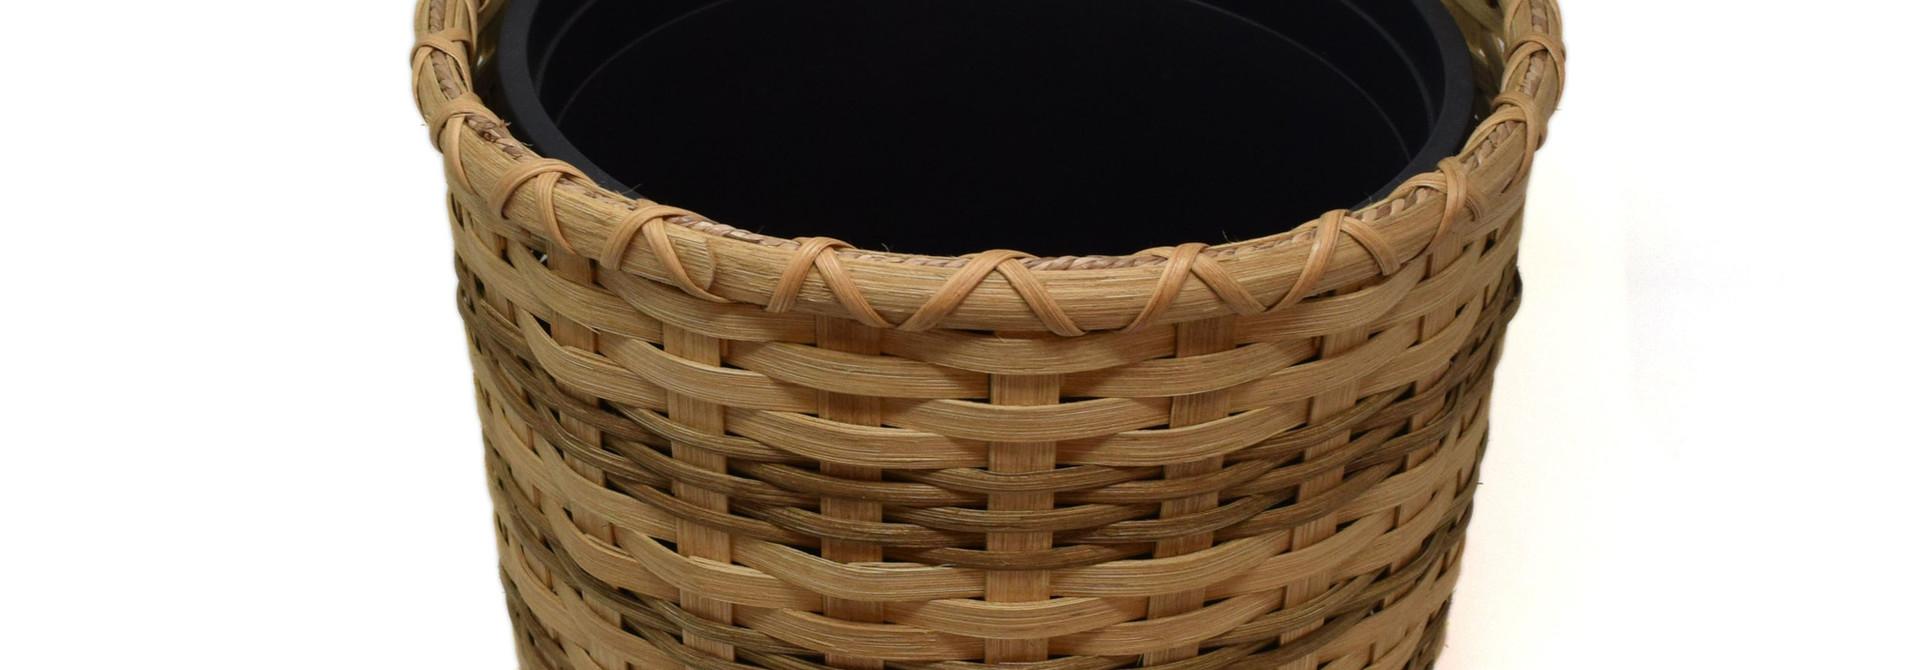 Lined Trash Basket